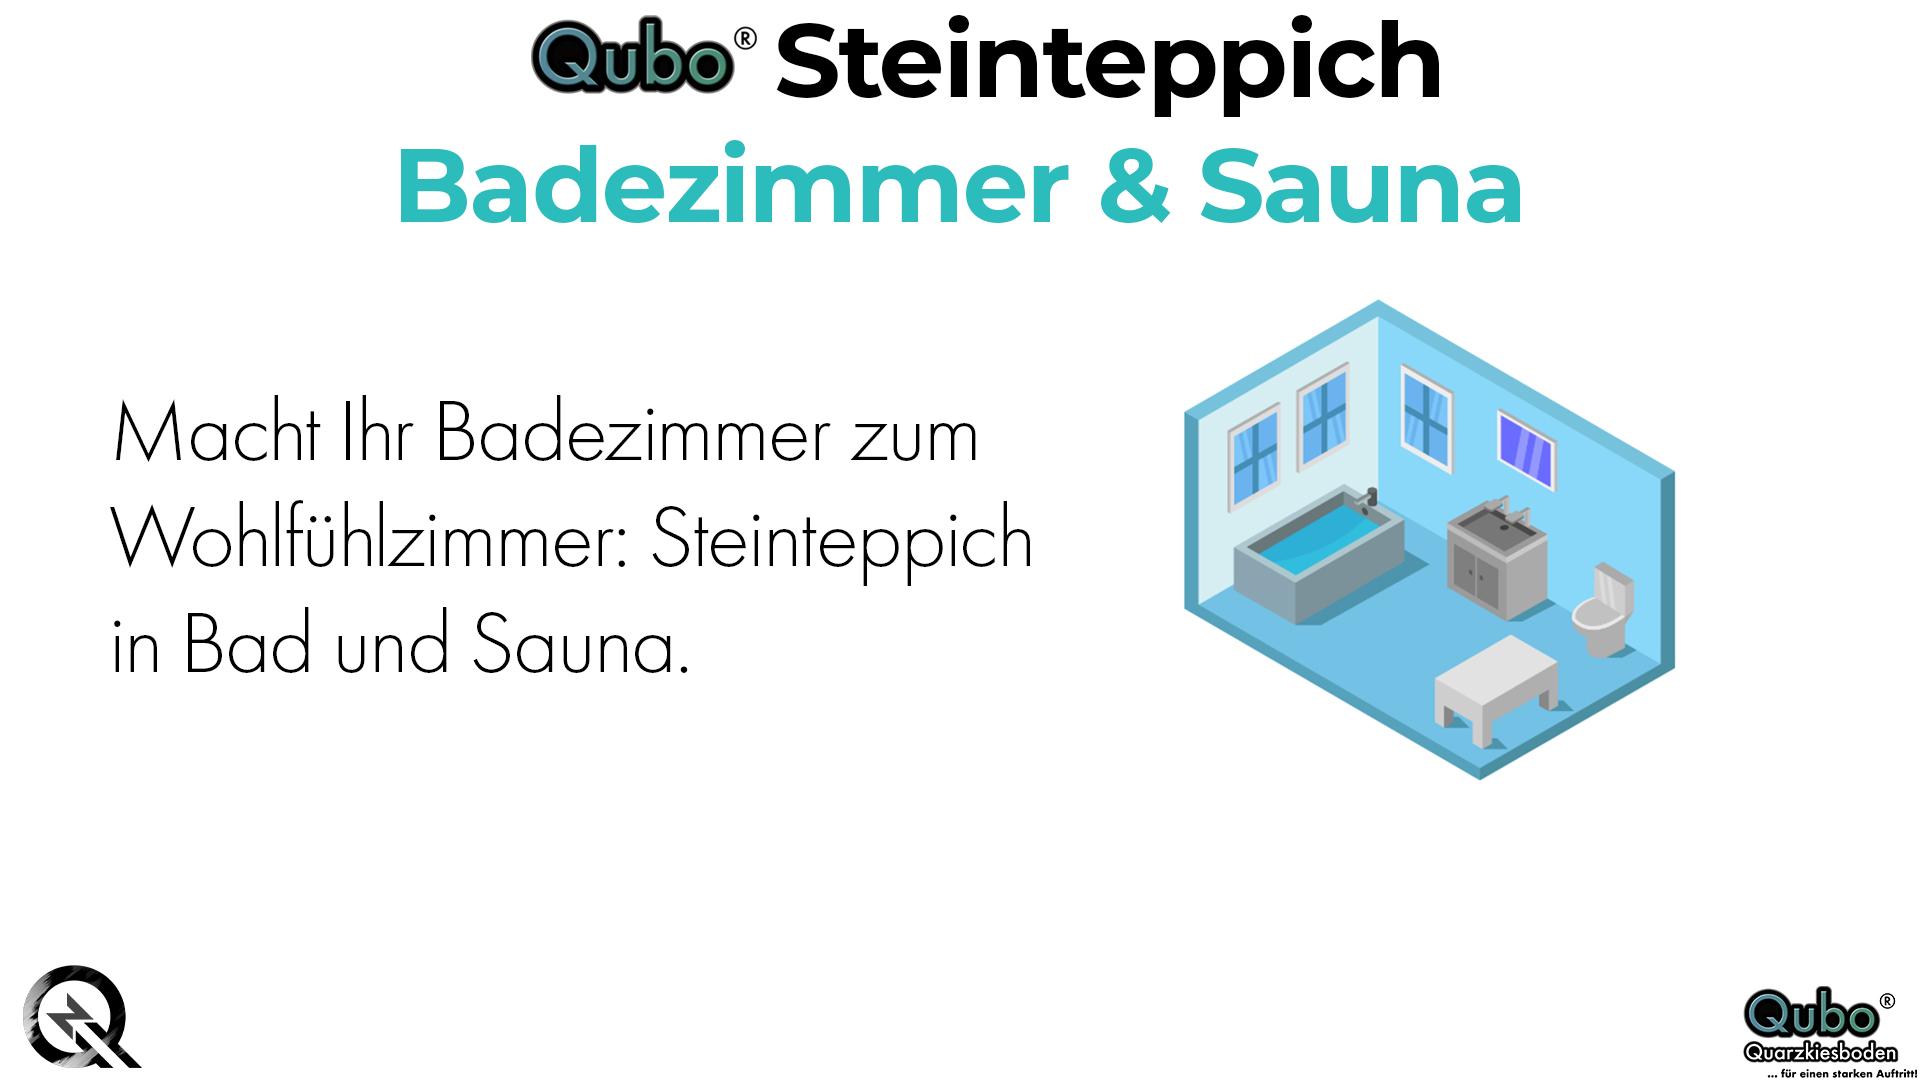 Badezimmer & Sauna Steinteppich Blog